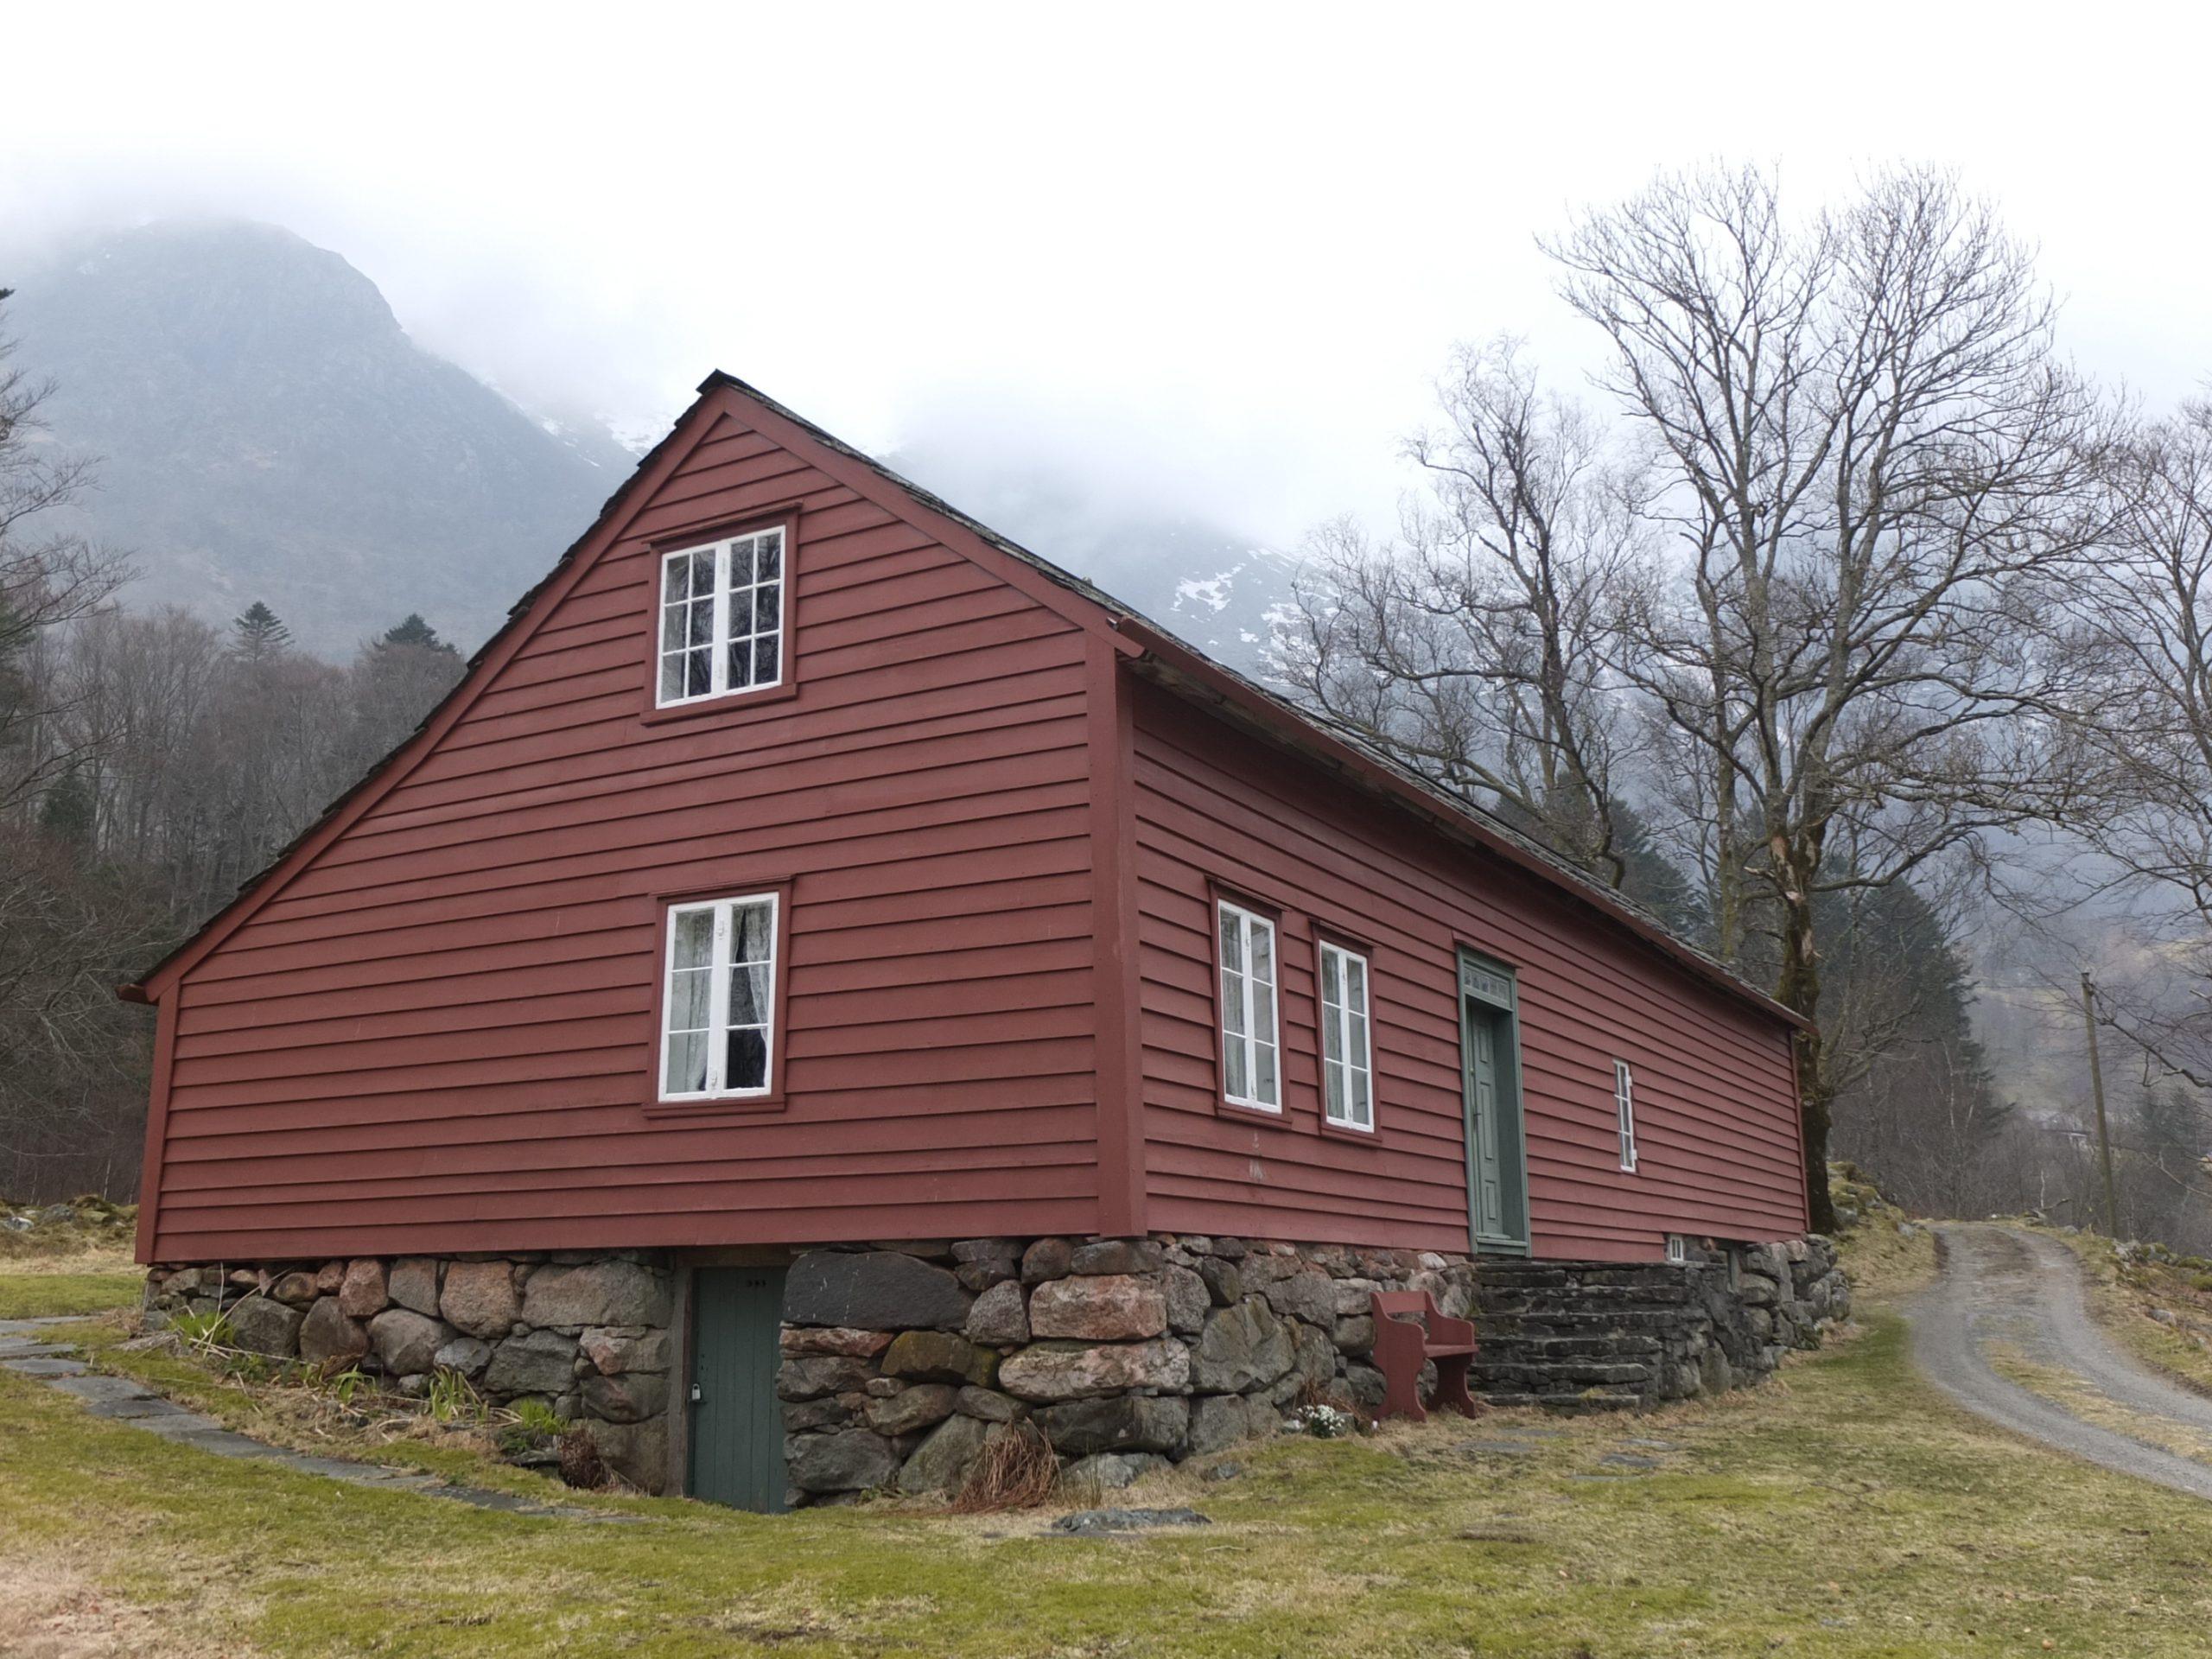 Bilde av Husmannsplassen Treo. Bygningen har rødmalt bordkledning og hvite smårutete vinduer. Bygningen står på gråstenmurte ringmurer og delvis kjellermur. Foto: May Britt Håbjørg, Riksantikvaren